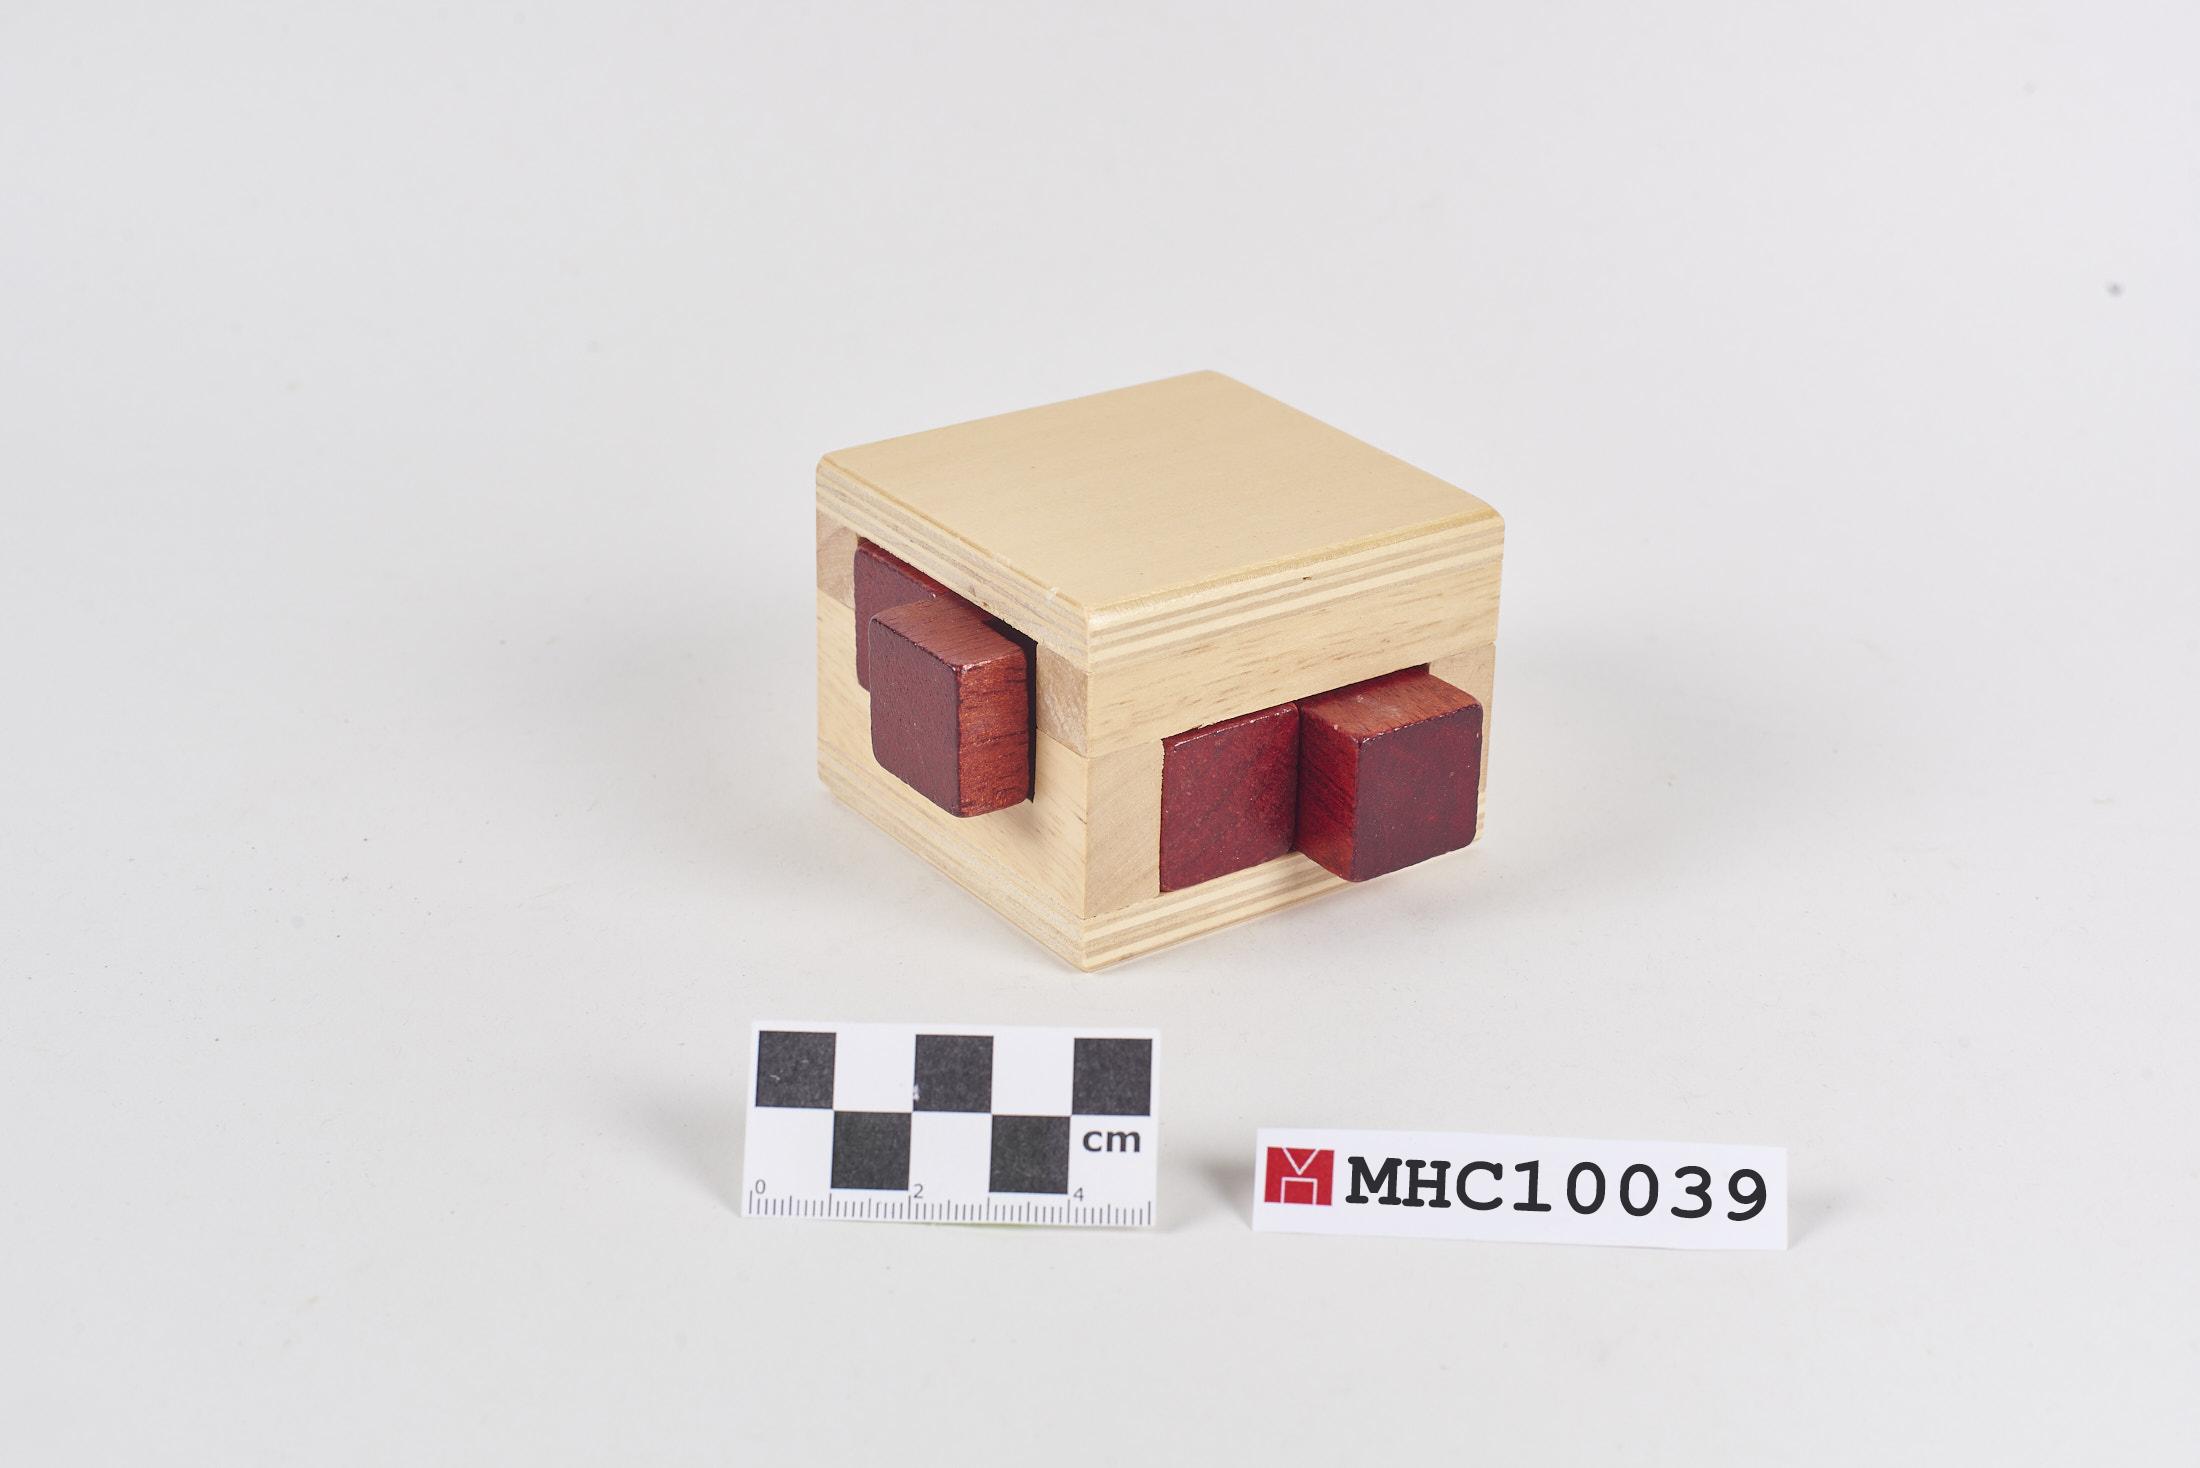 mhc10039